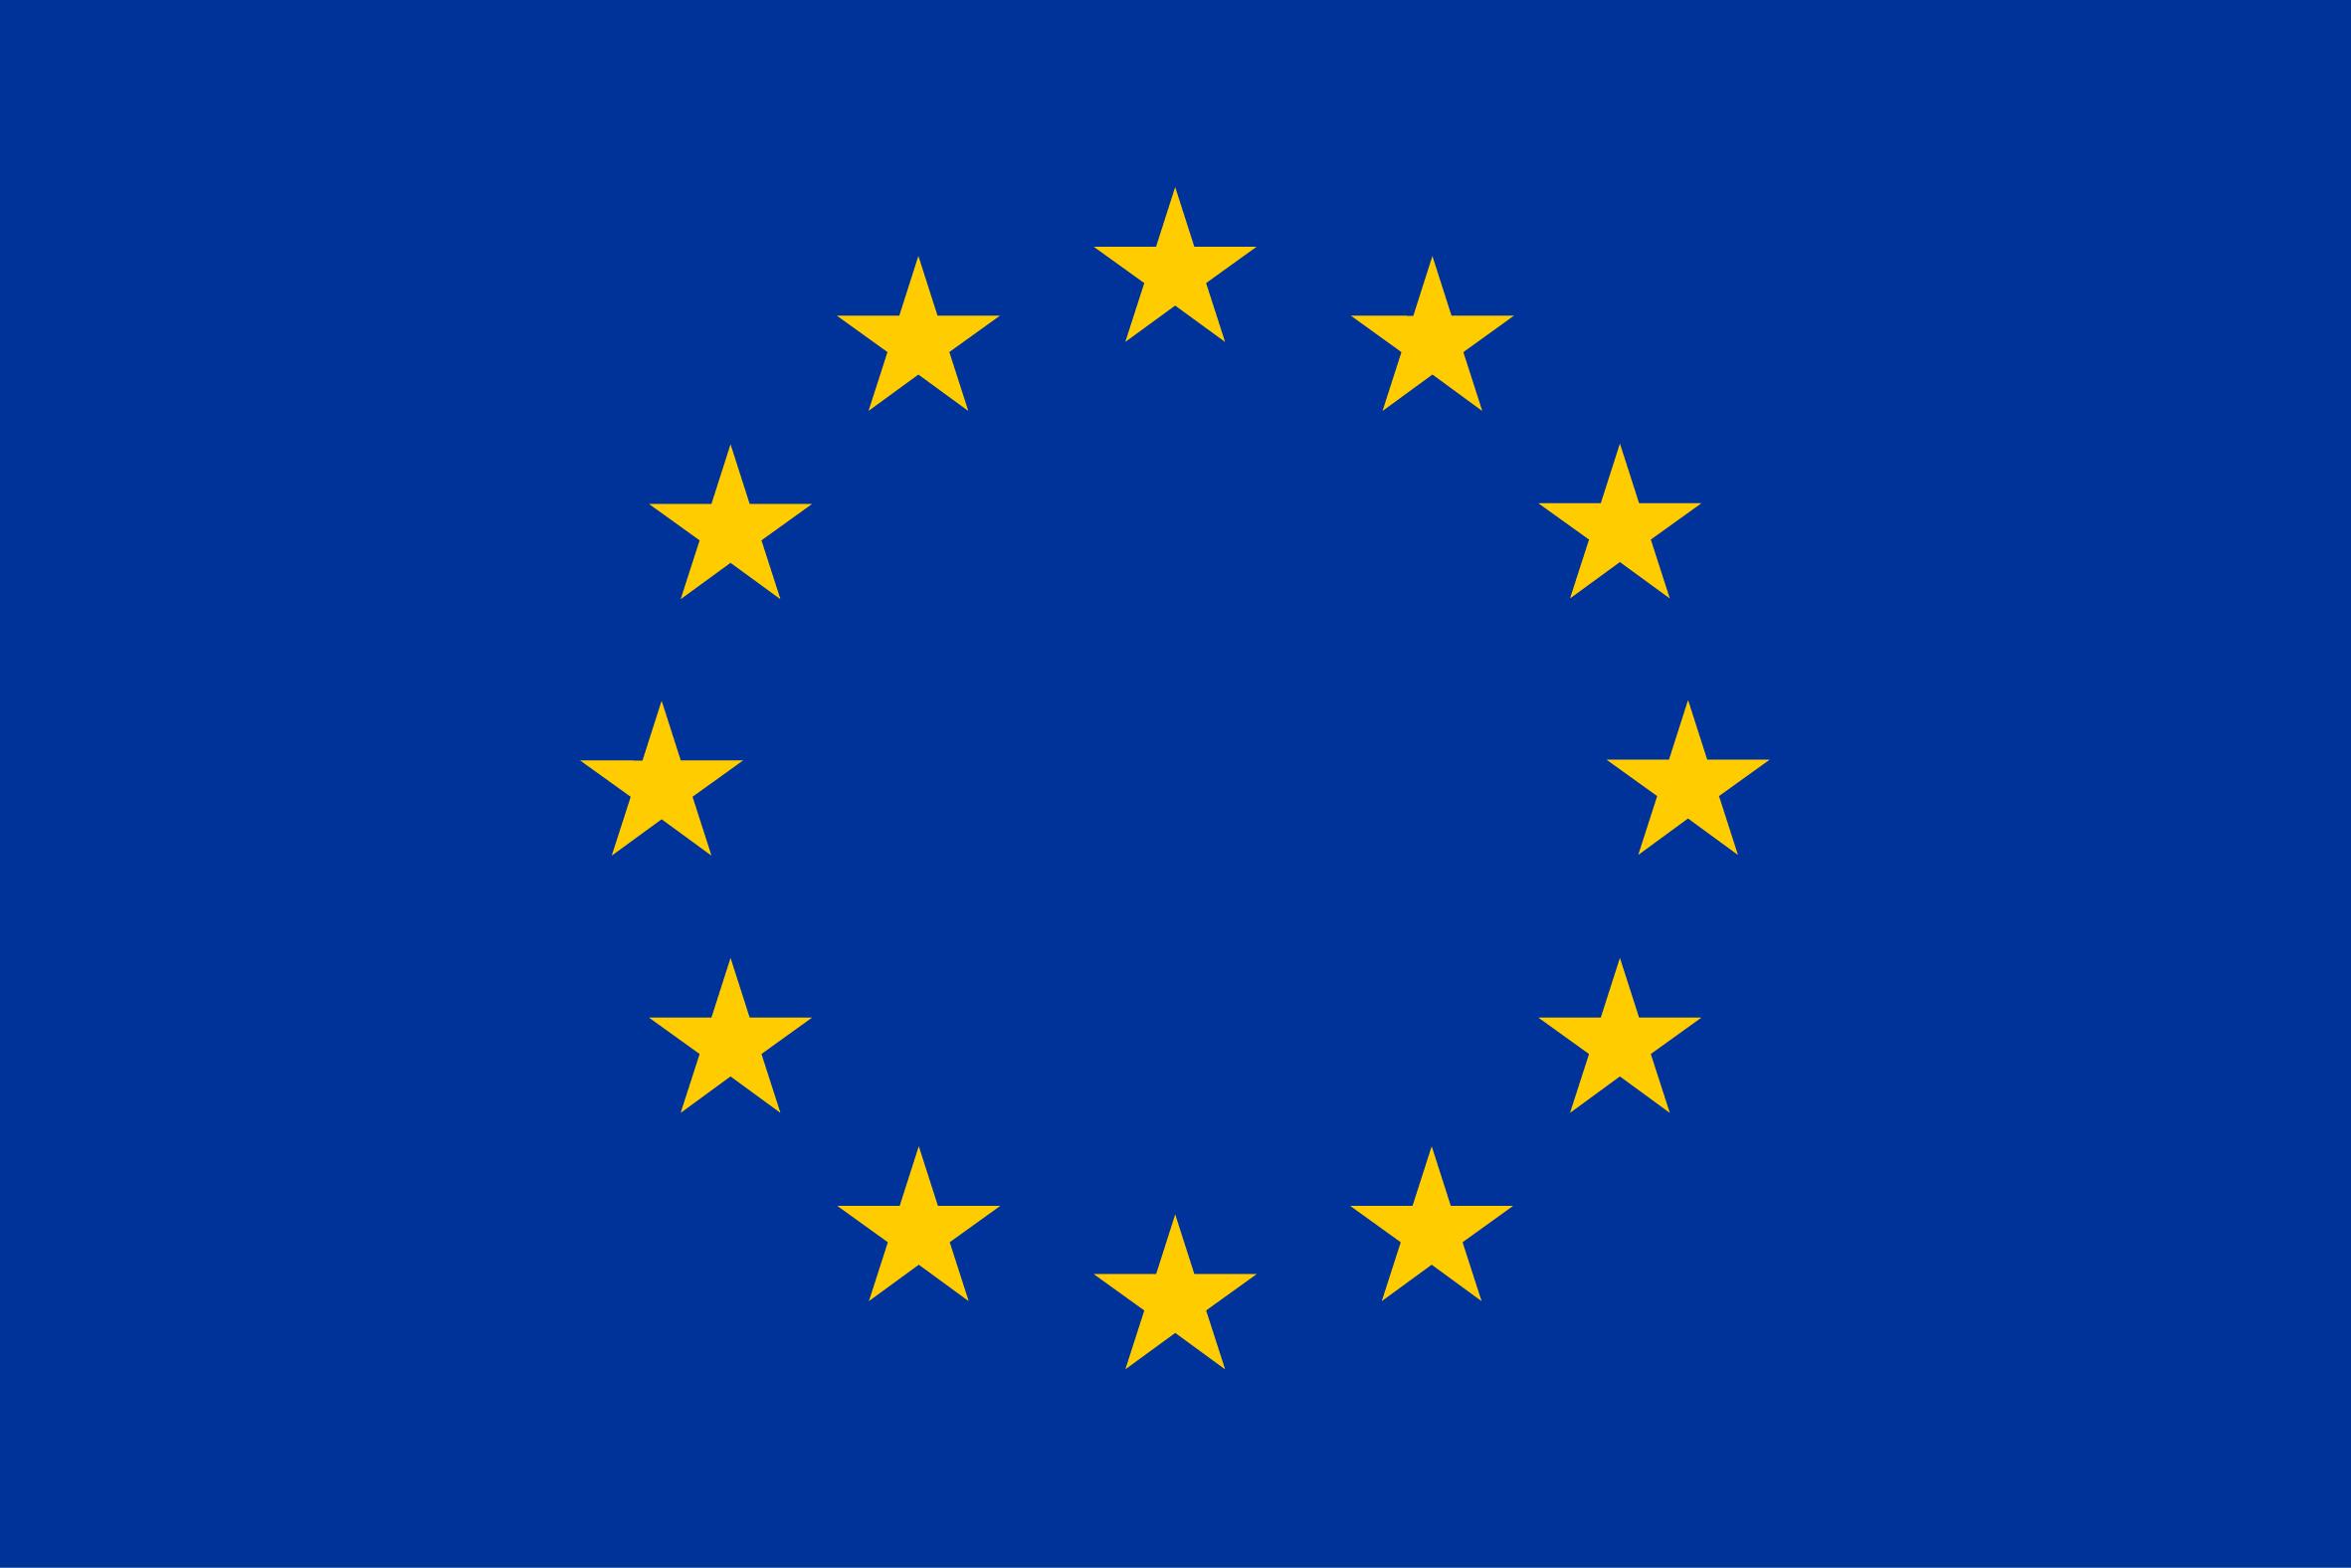 EU:n yleinen tietosuoja-asetus koskee jokaista toimivaa yritystä